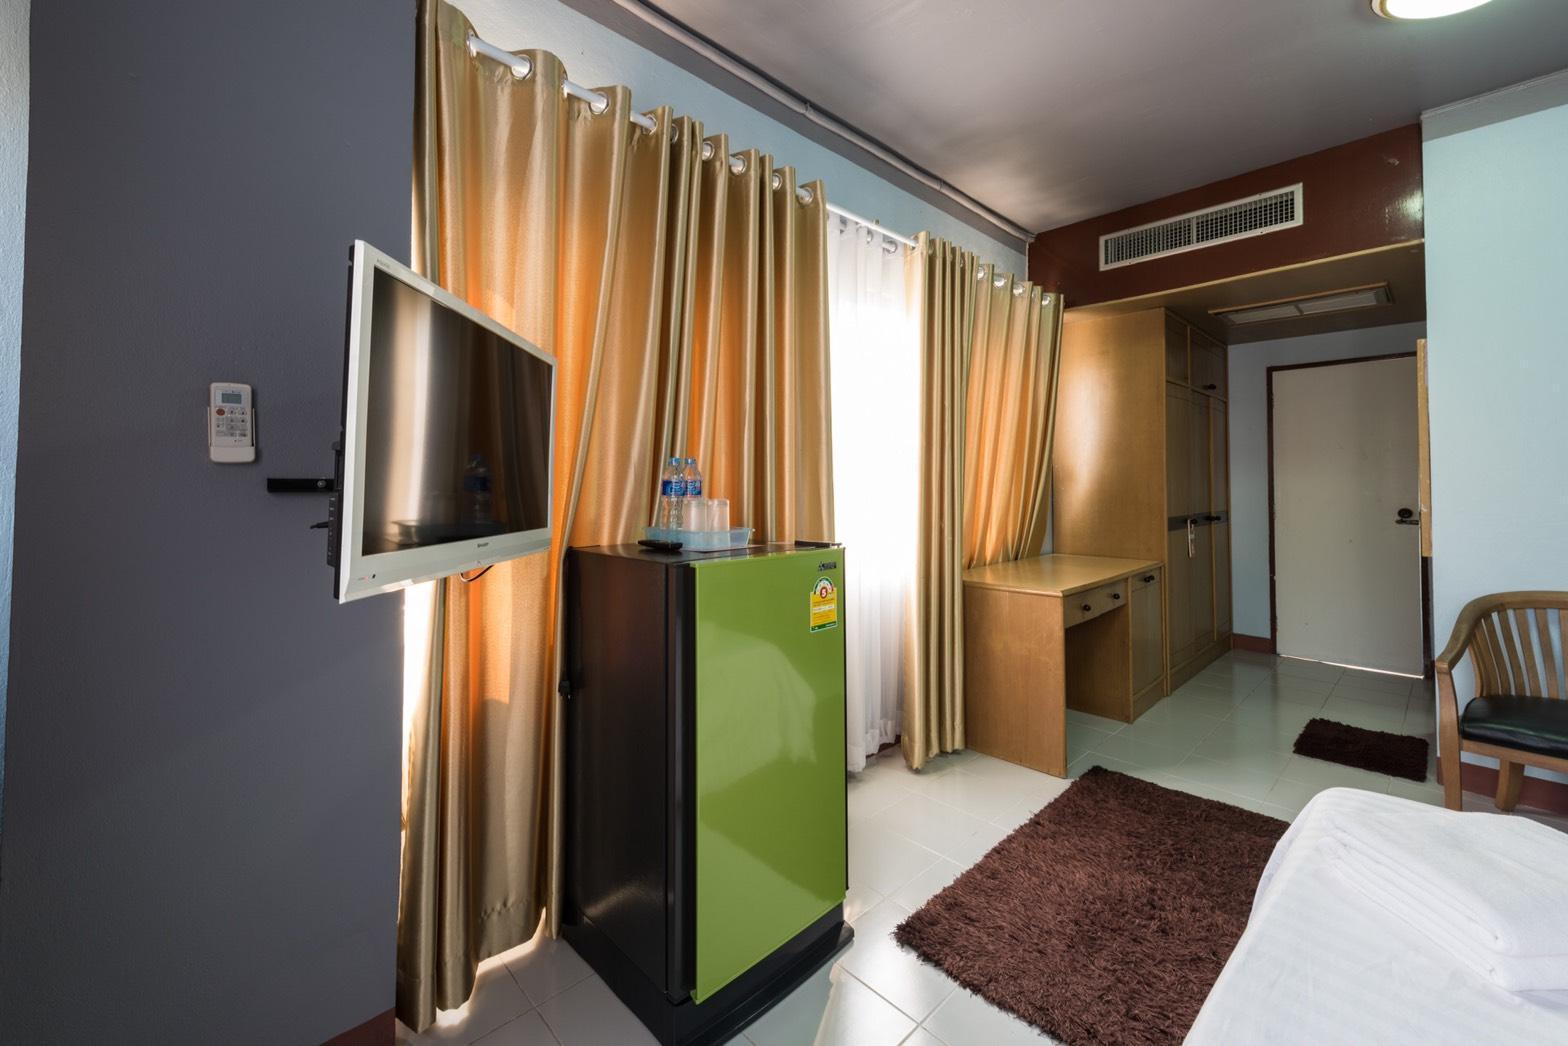 R2 Boutique Service Apartment,R2 Boutique Service Apartment